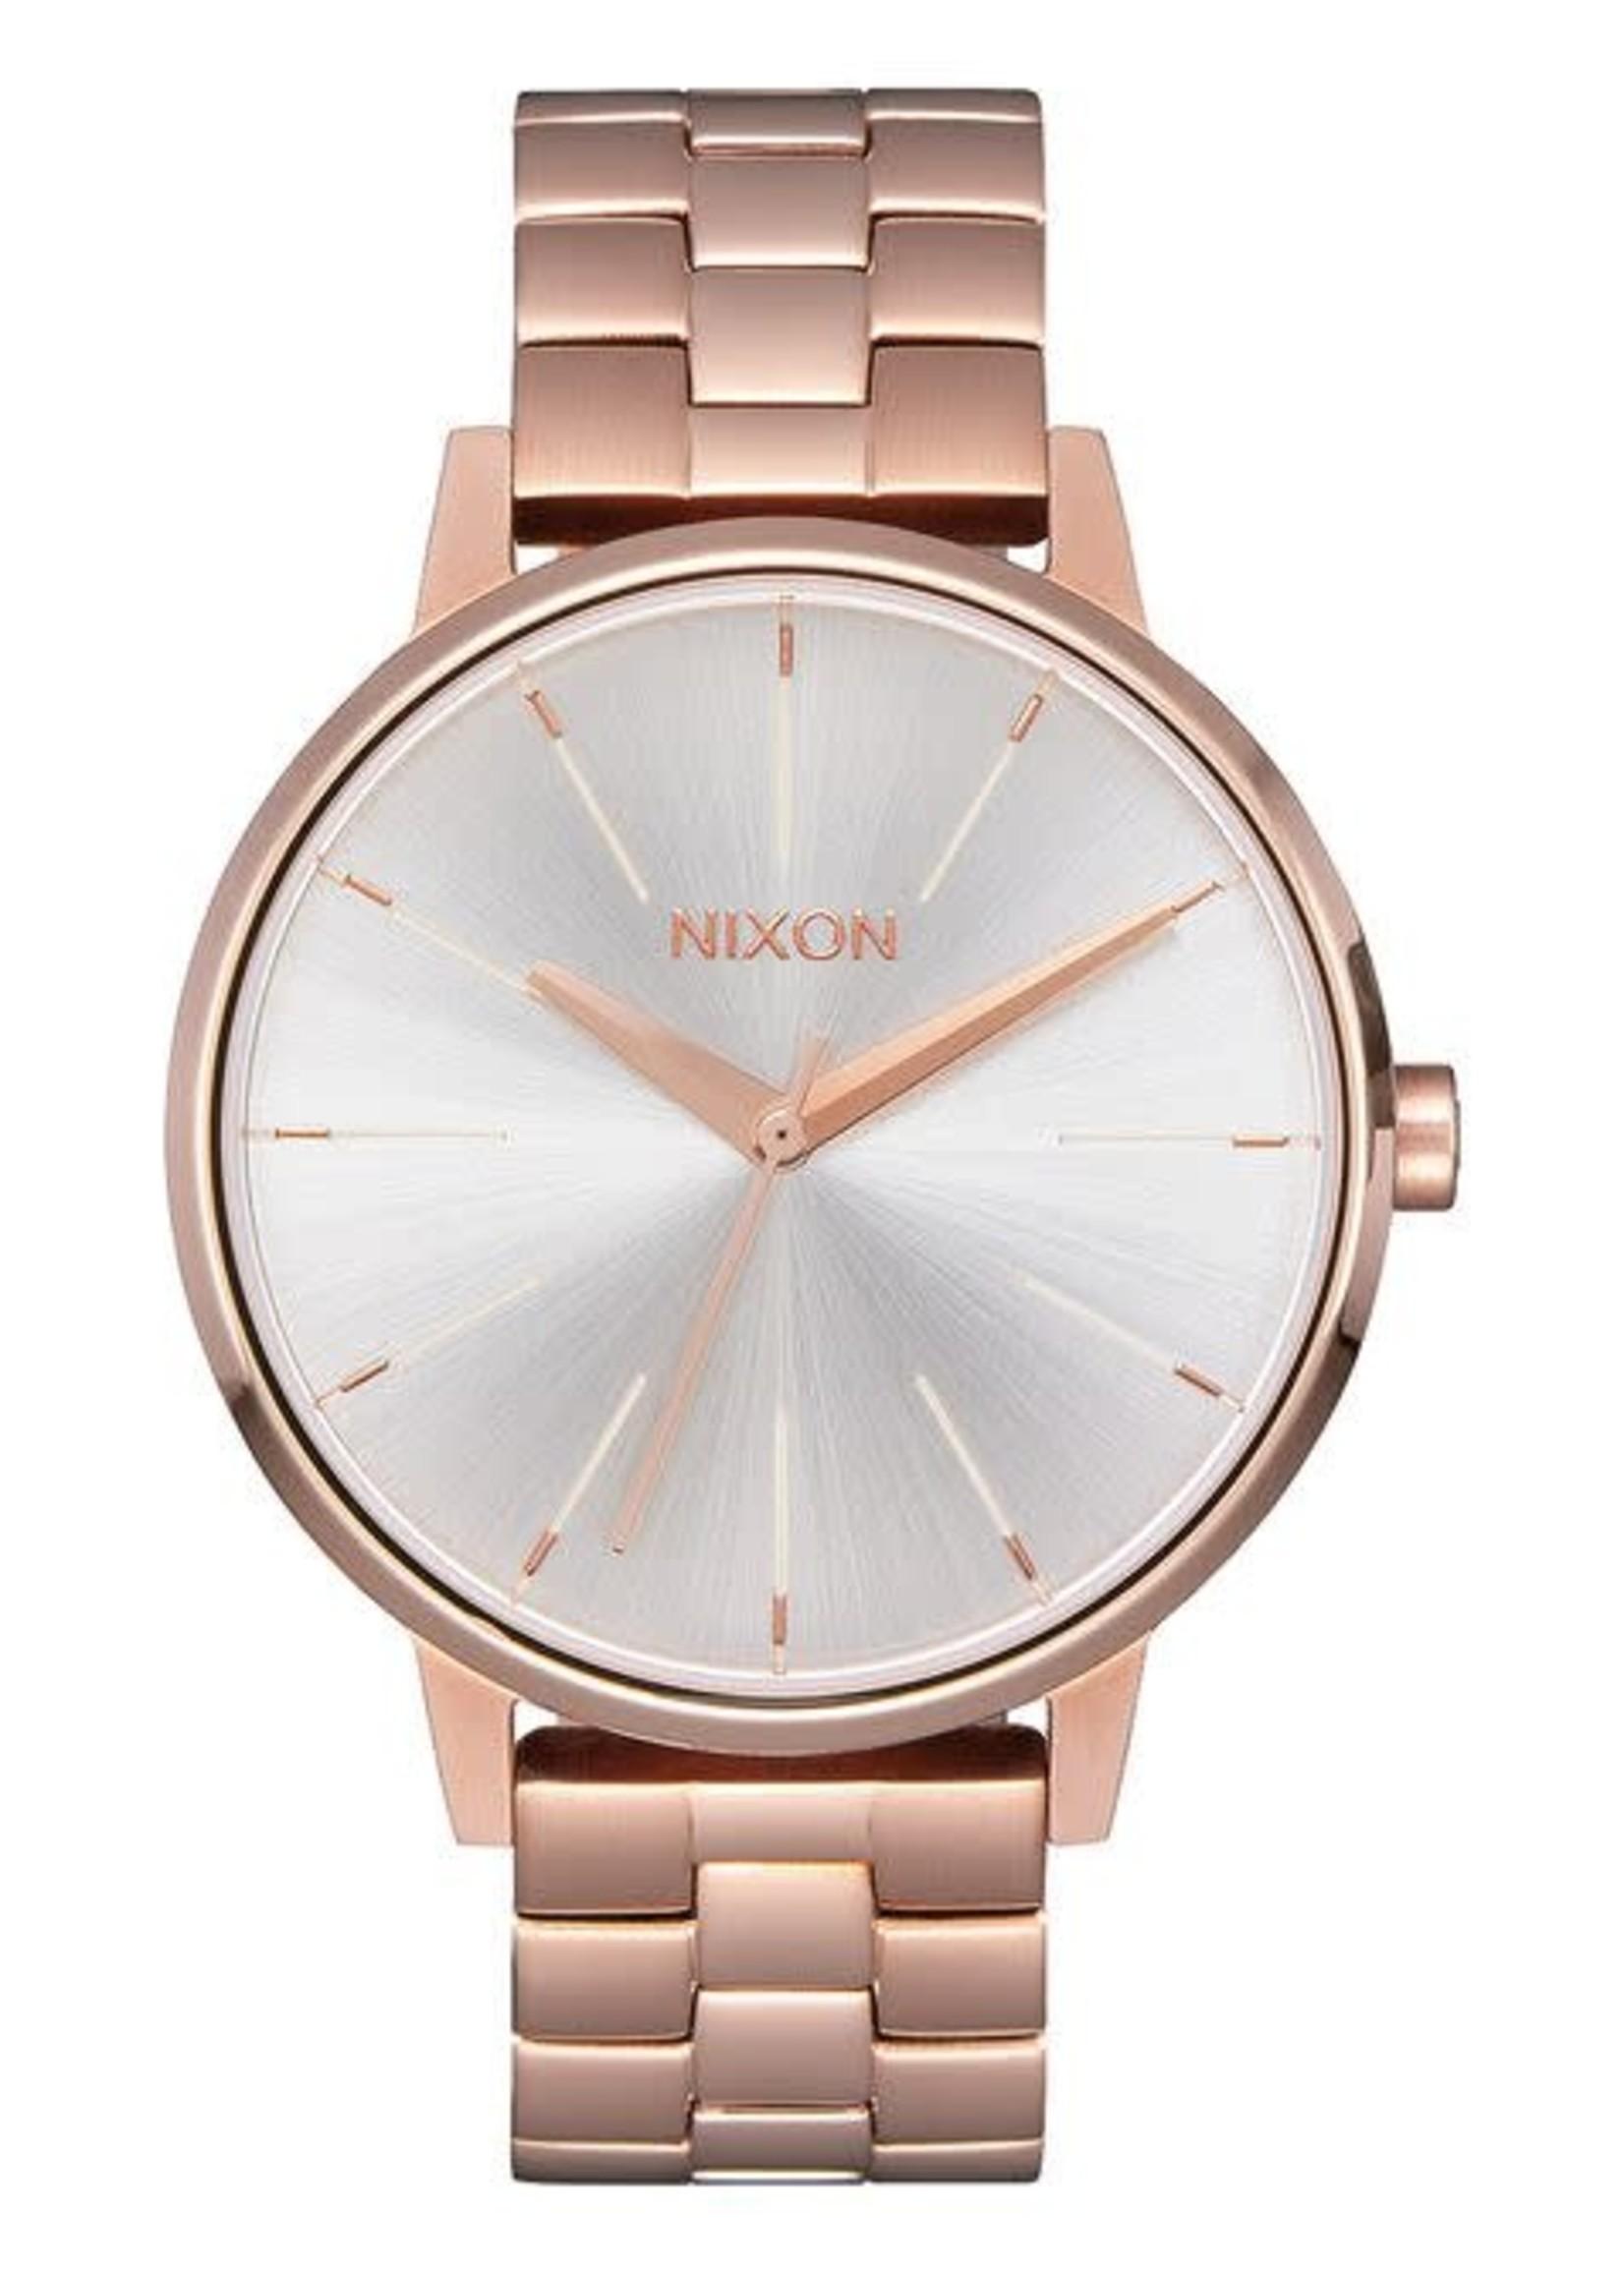 NIXON NIXON Kensington Watch, Rose